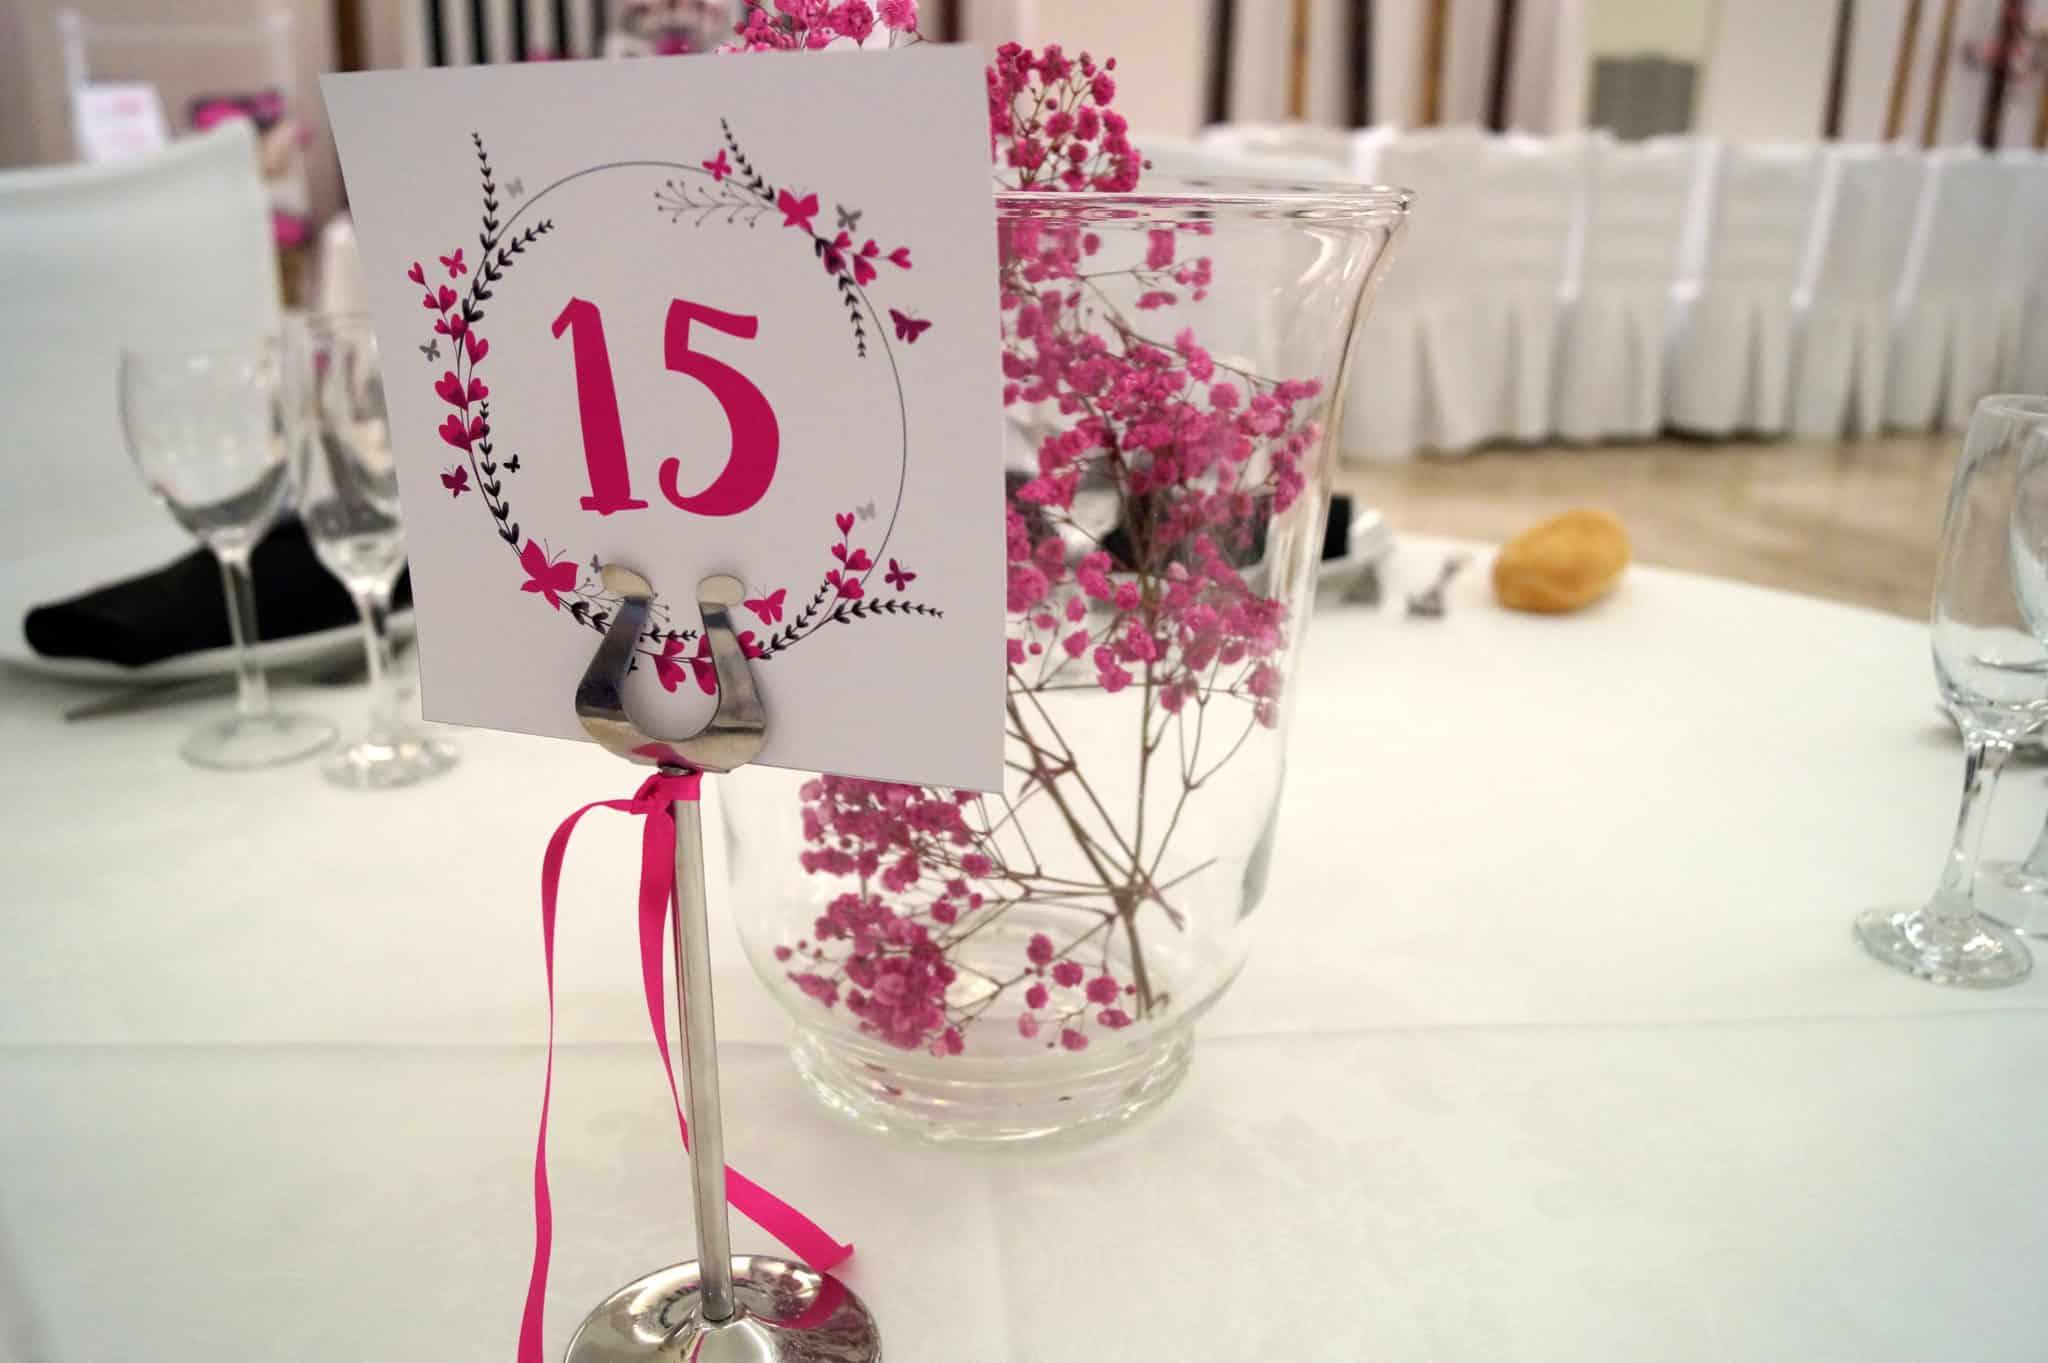 Diseño de numero de mesa ZAZUboda BeayDavid, romantica y elegante